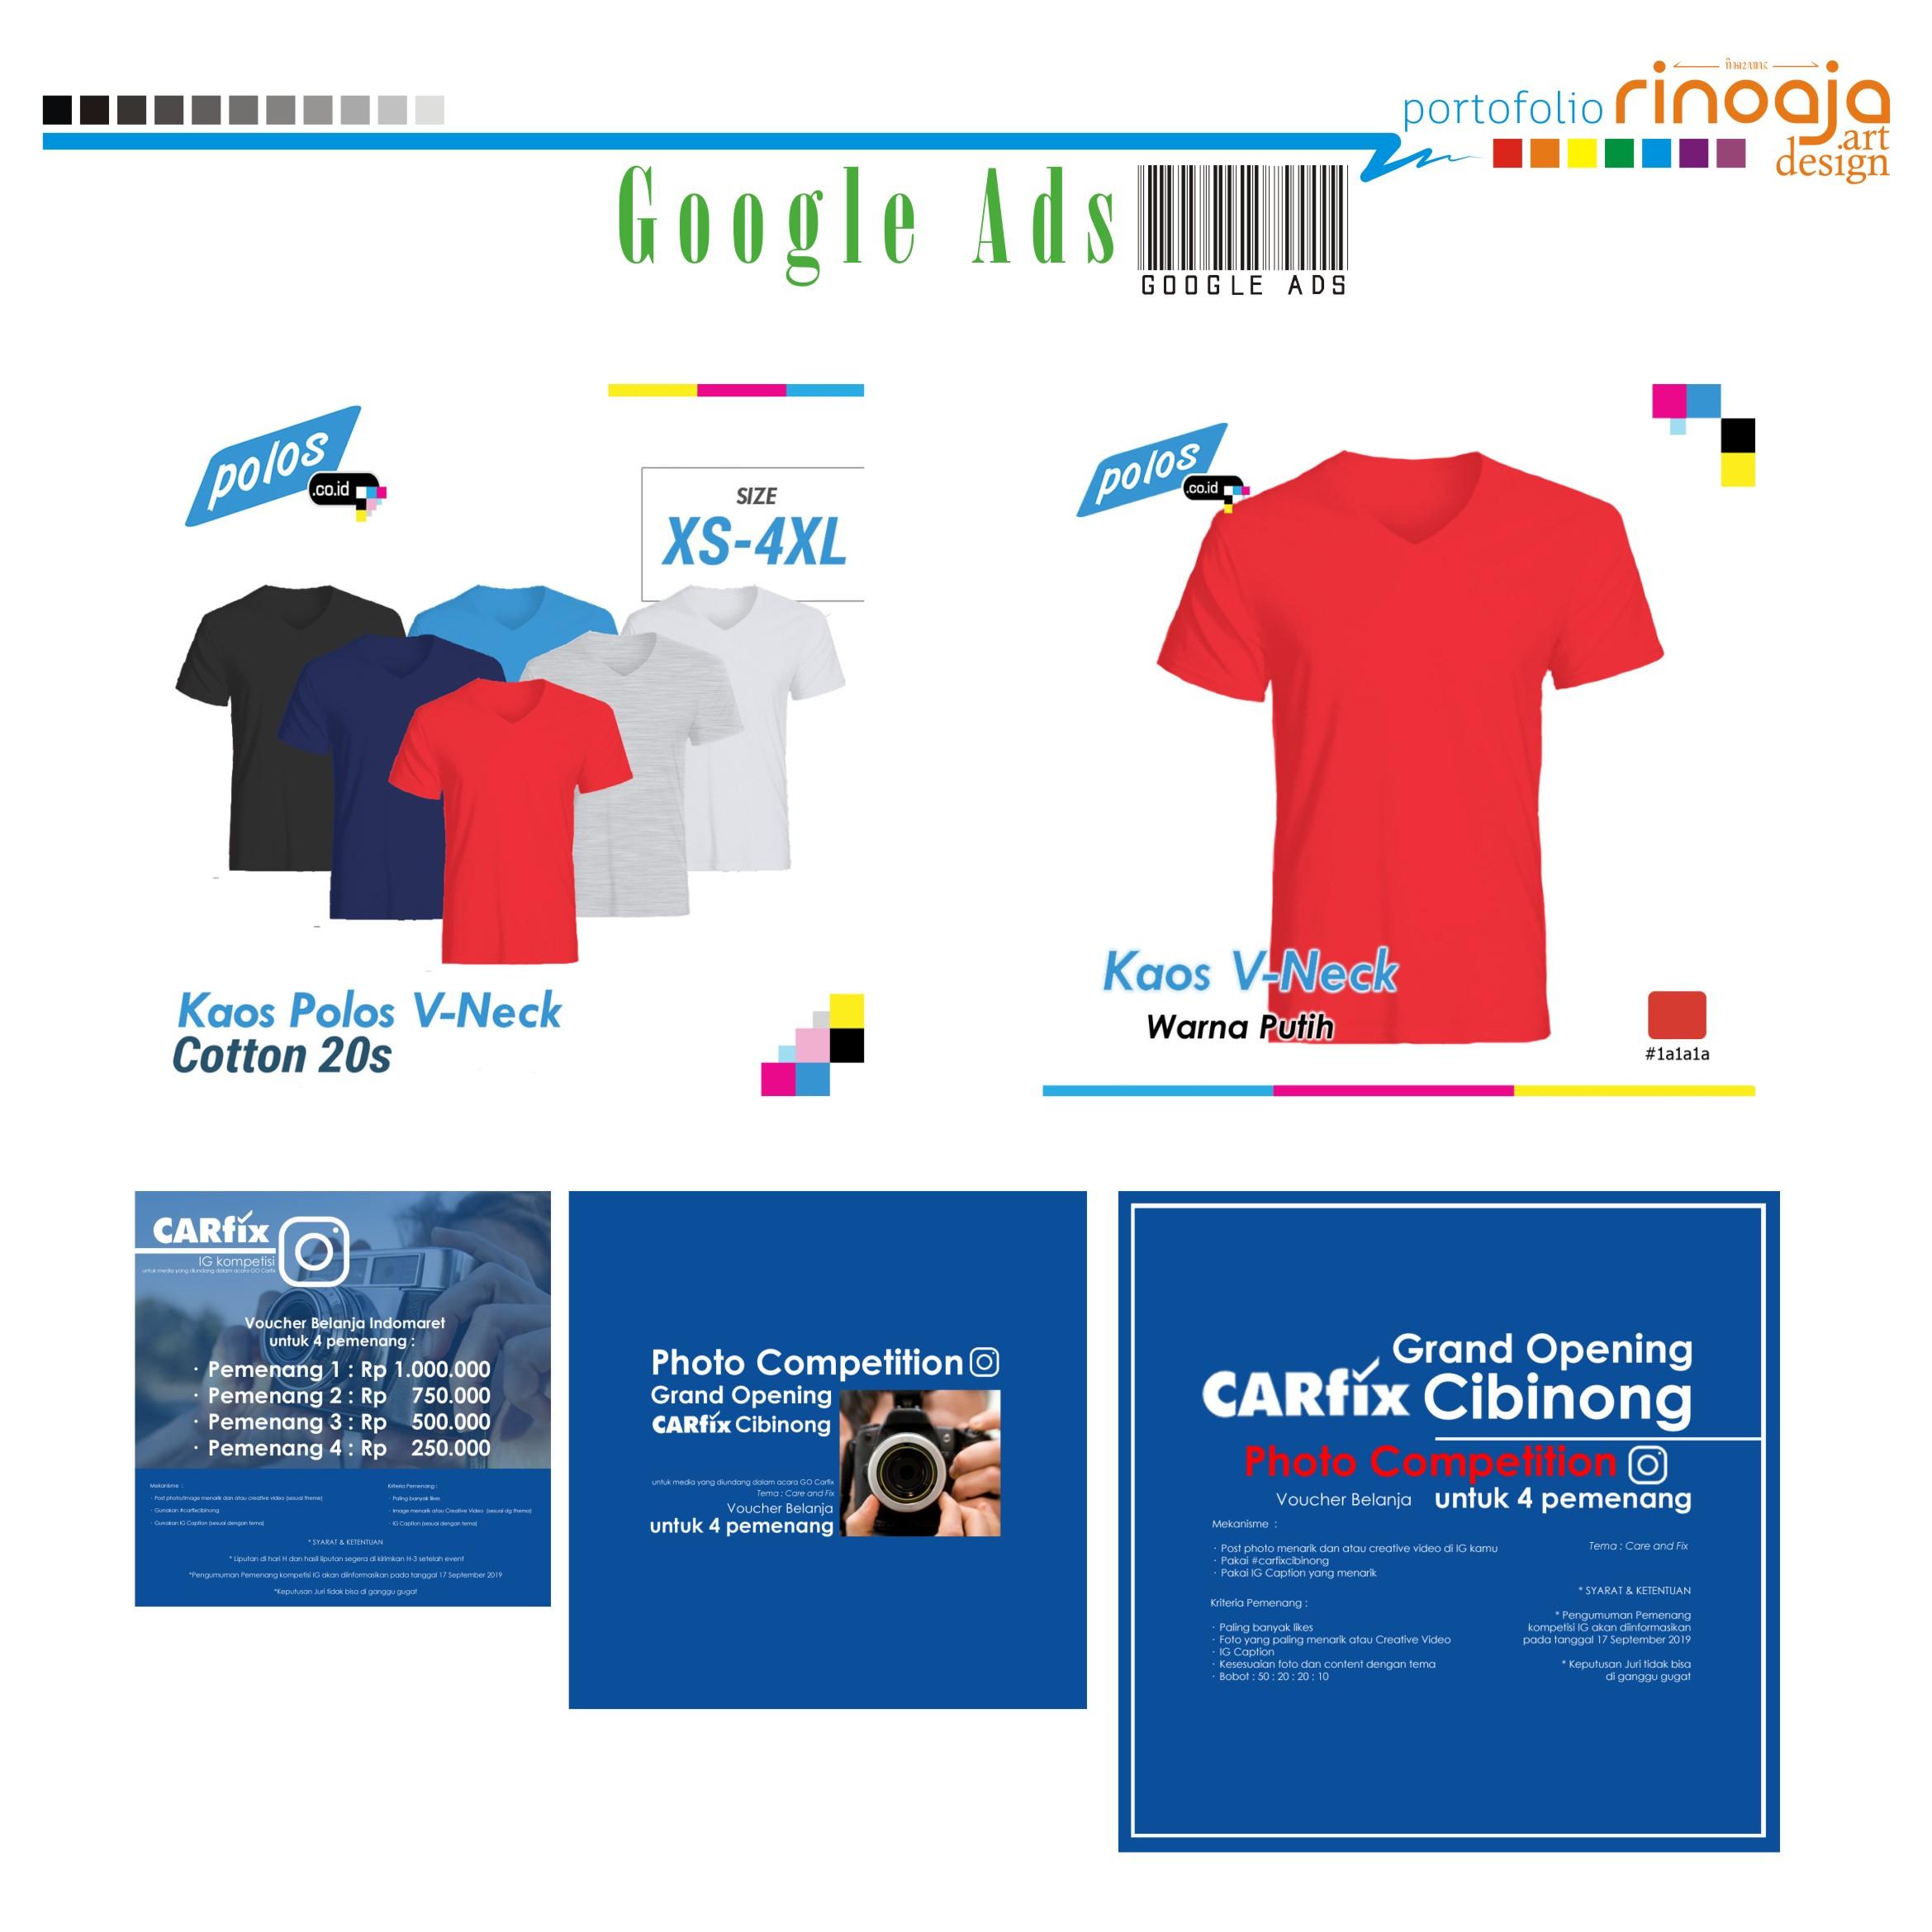 Google ads ec071e859e